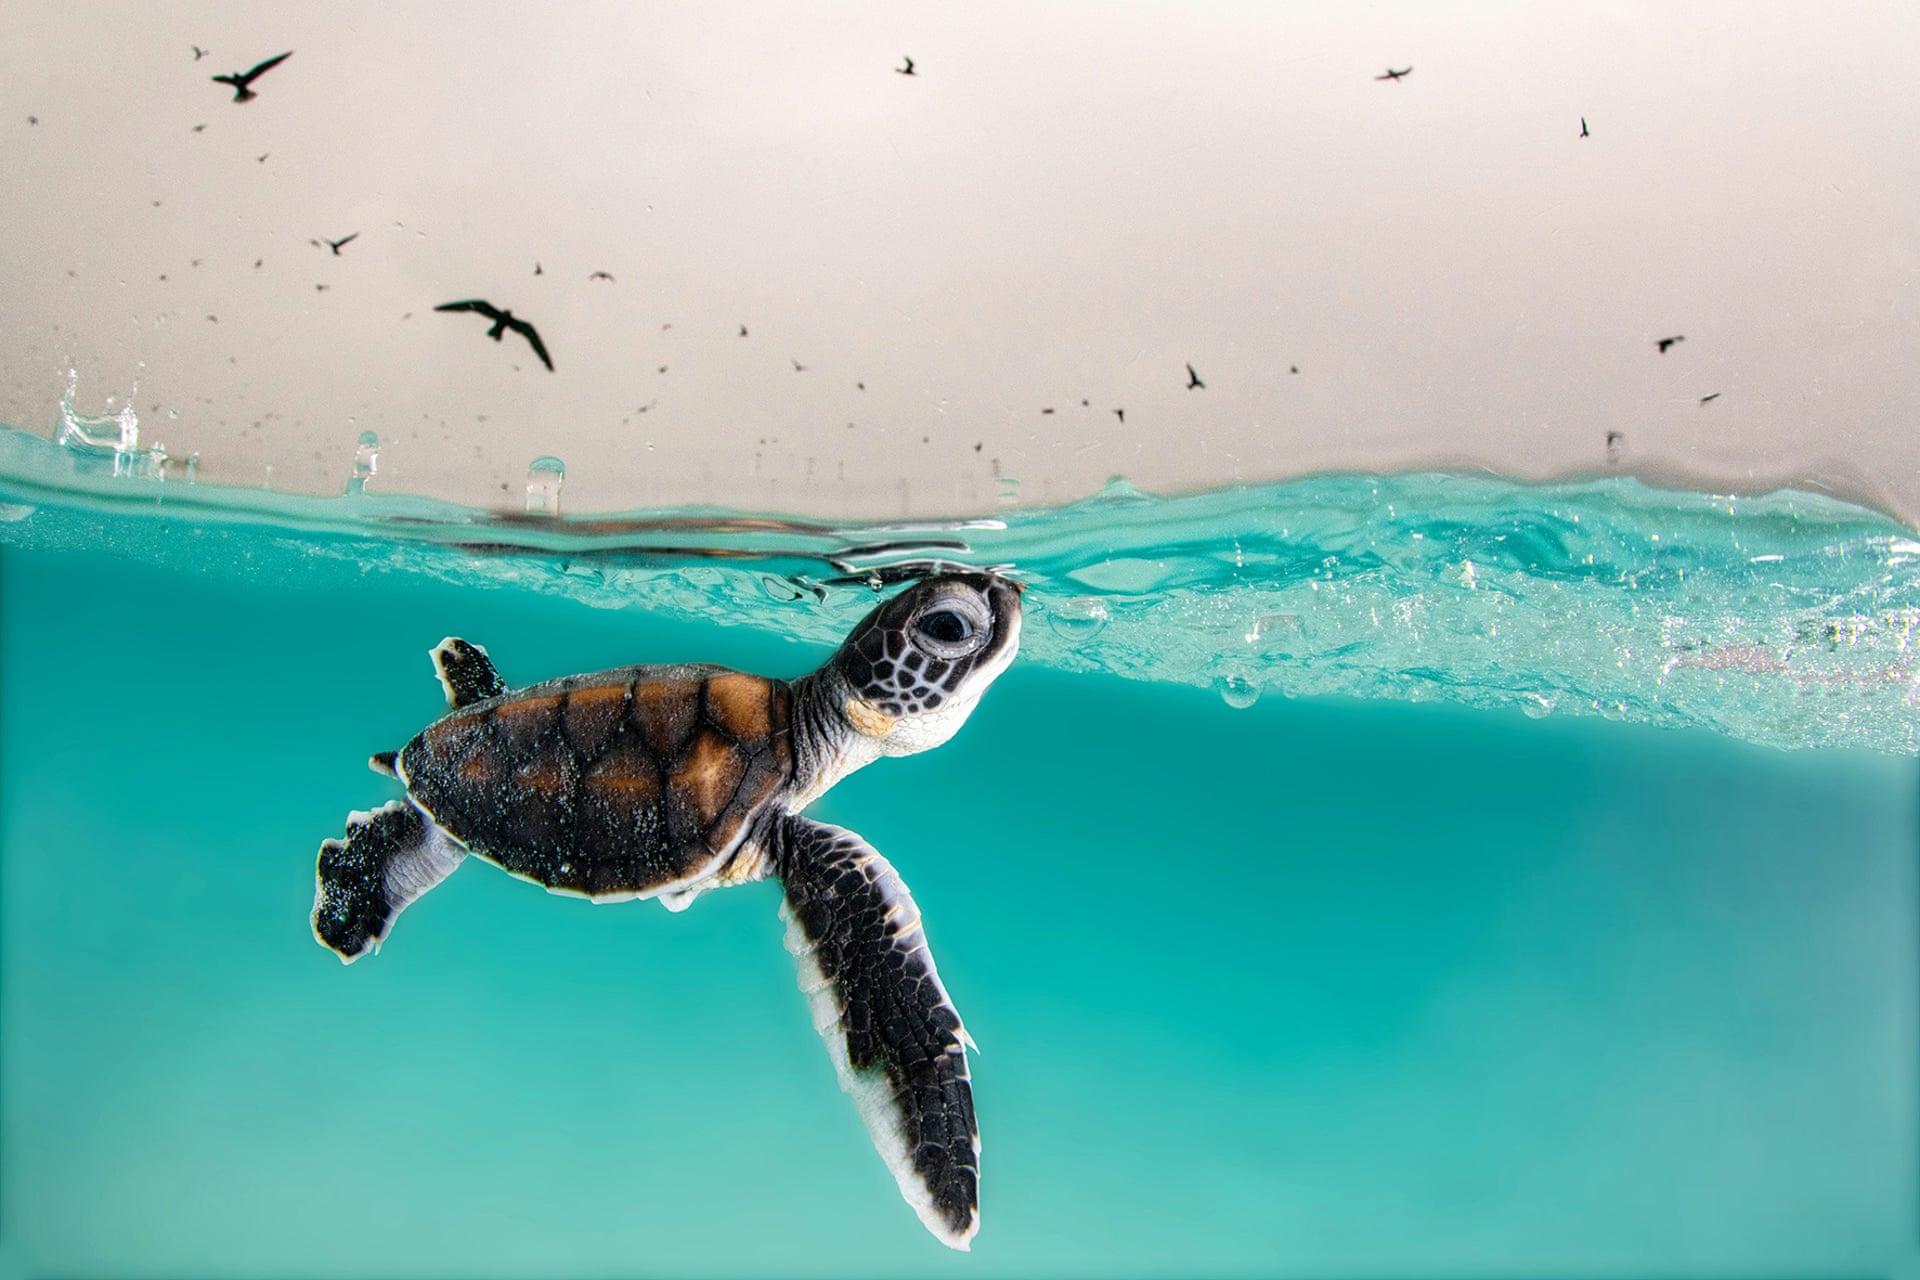 Маленькая зеленая морская черепаха выходит на поверхность в поисках воздуха на острове Херон, Квинсленд, Австралия. Победитель в номинации «Юный фотограф». Фото — Hannah Le Leu.